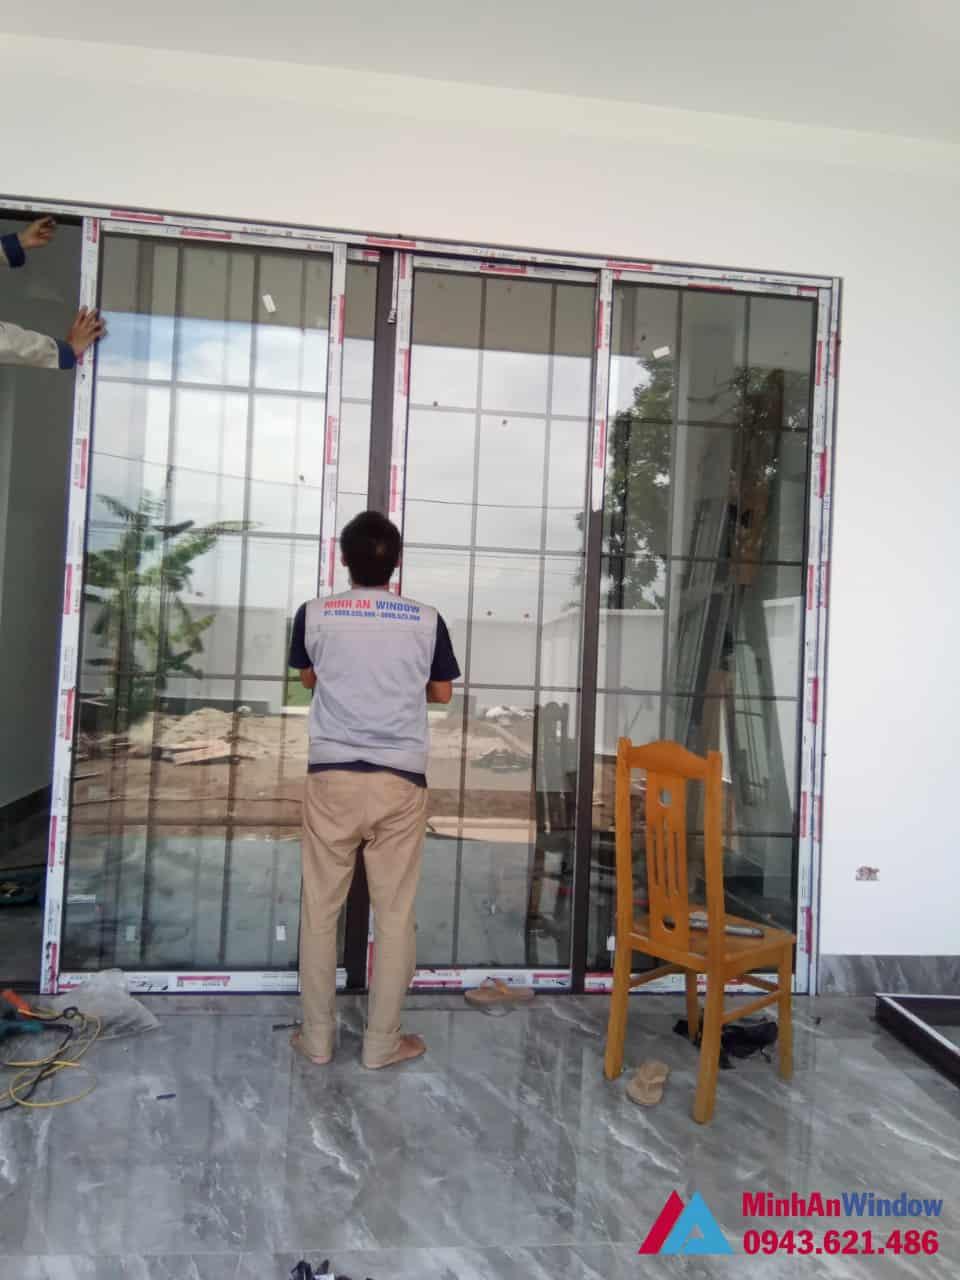 Mẫu cửa đi nhôm kính xếp trượt Minh An Window lắp đặt cho khách hàng tại huyện Thanh Trì